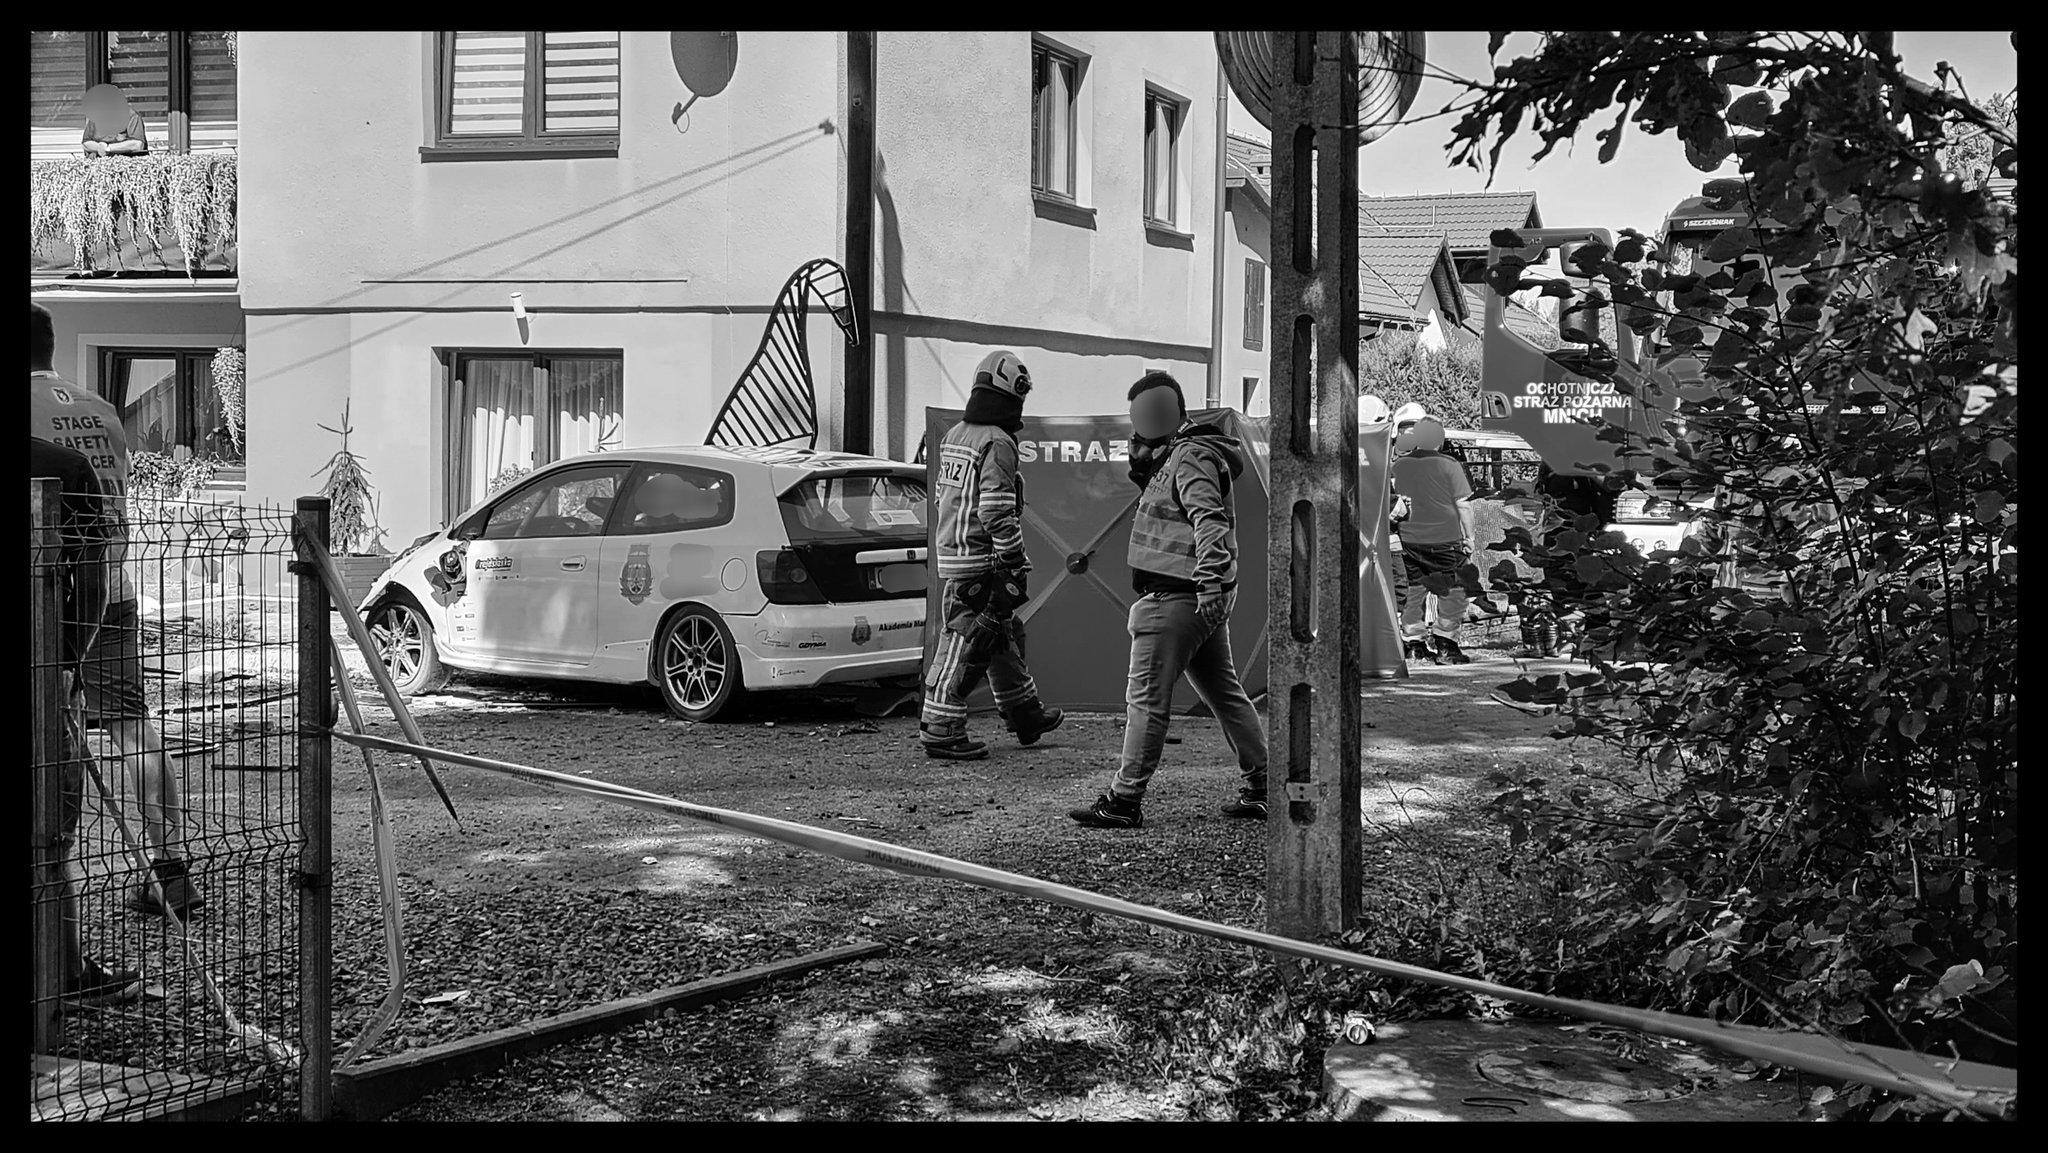 Rajd Śląska: Wypadek załogi numer 40 - Rajd zakończony!